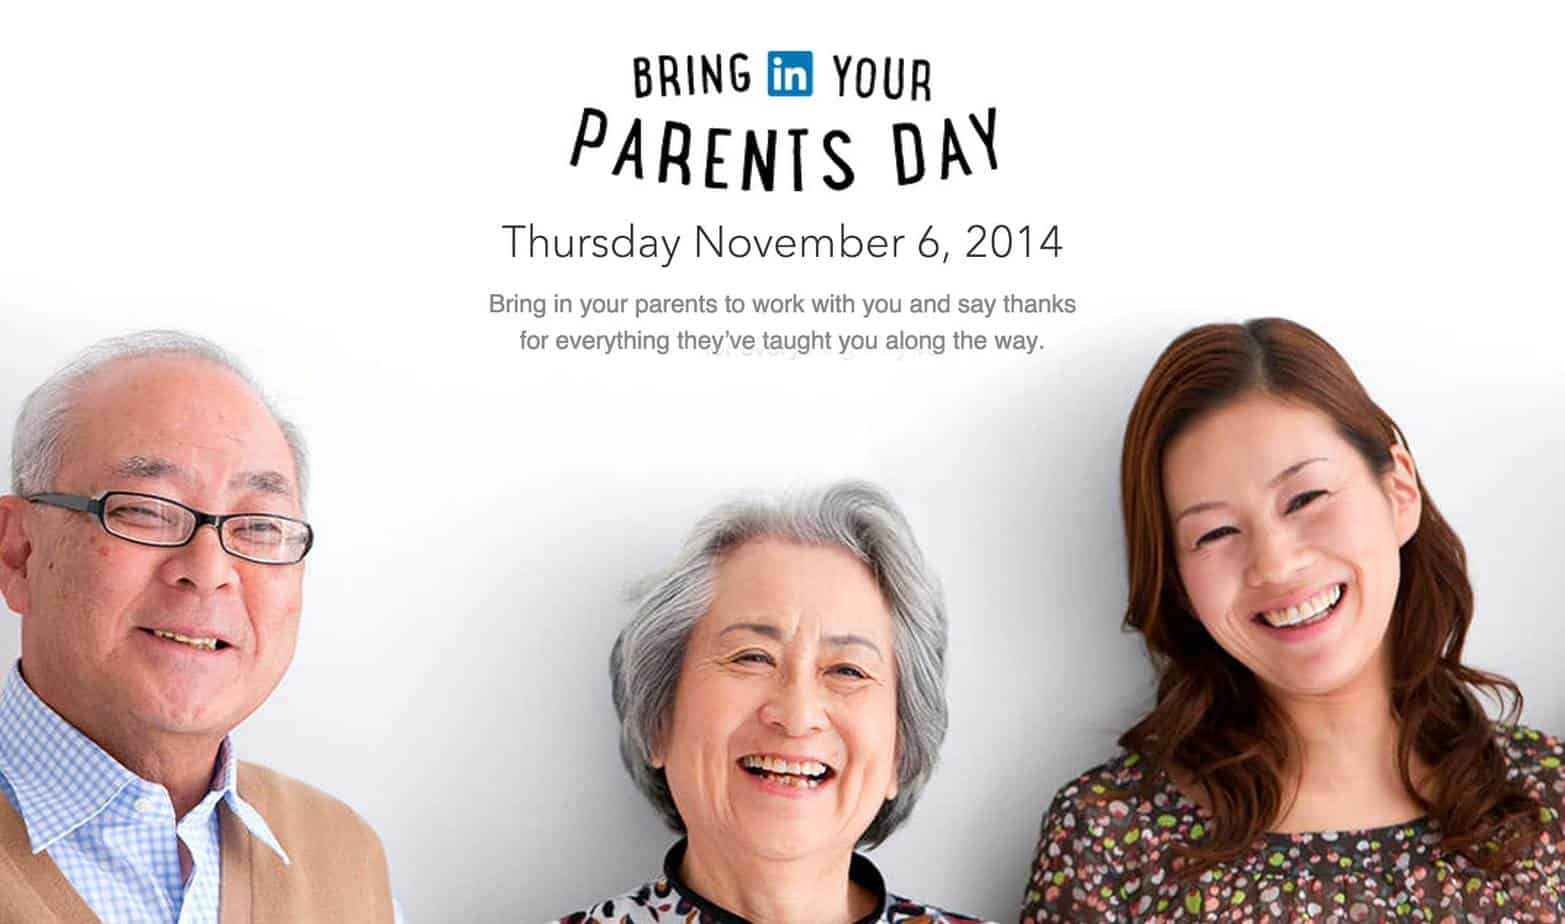 Svenska föräldrar kan bli bättre på att stötta sitt barns karriär